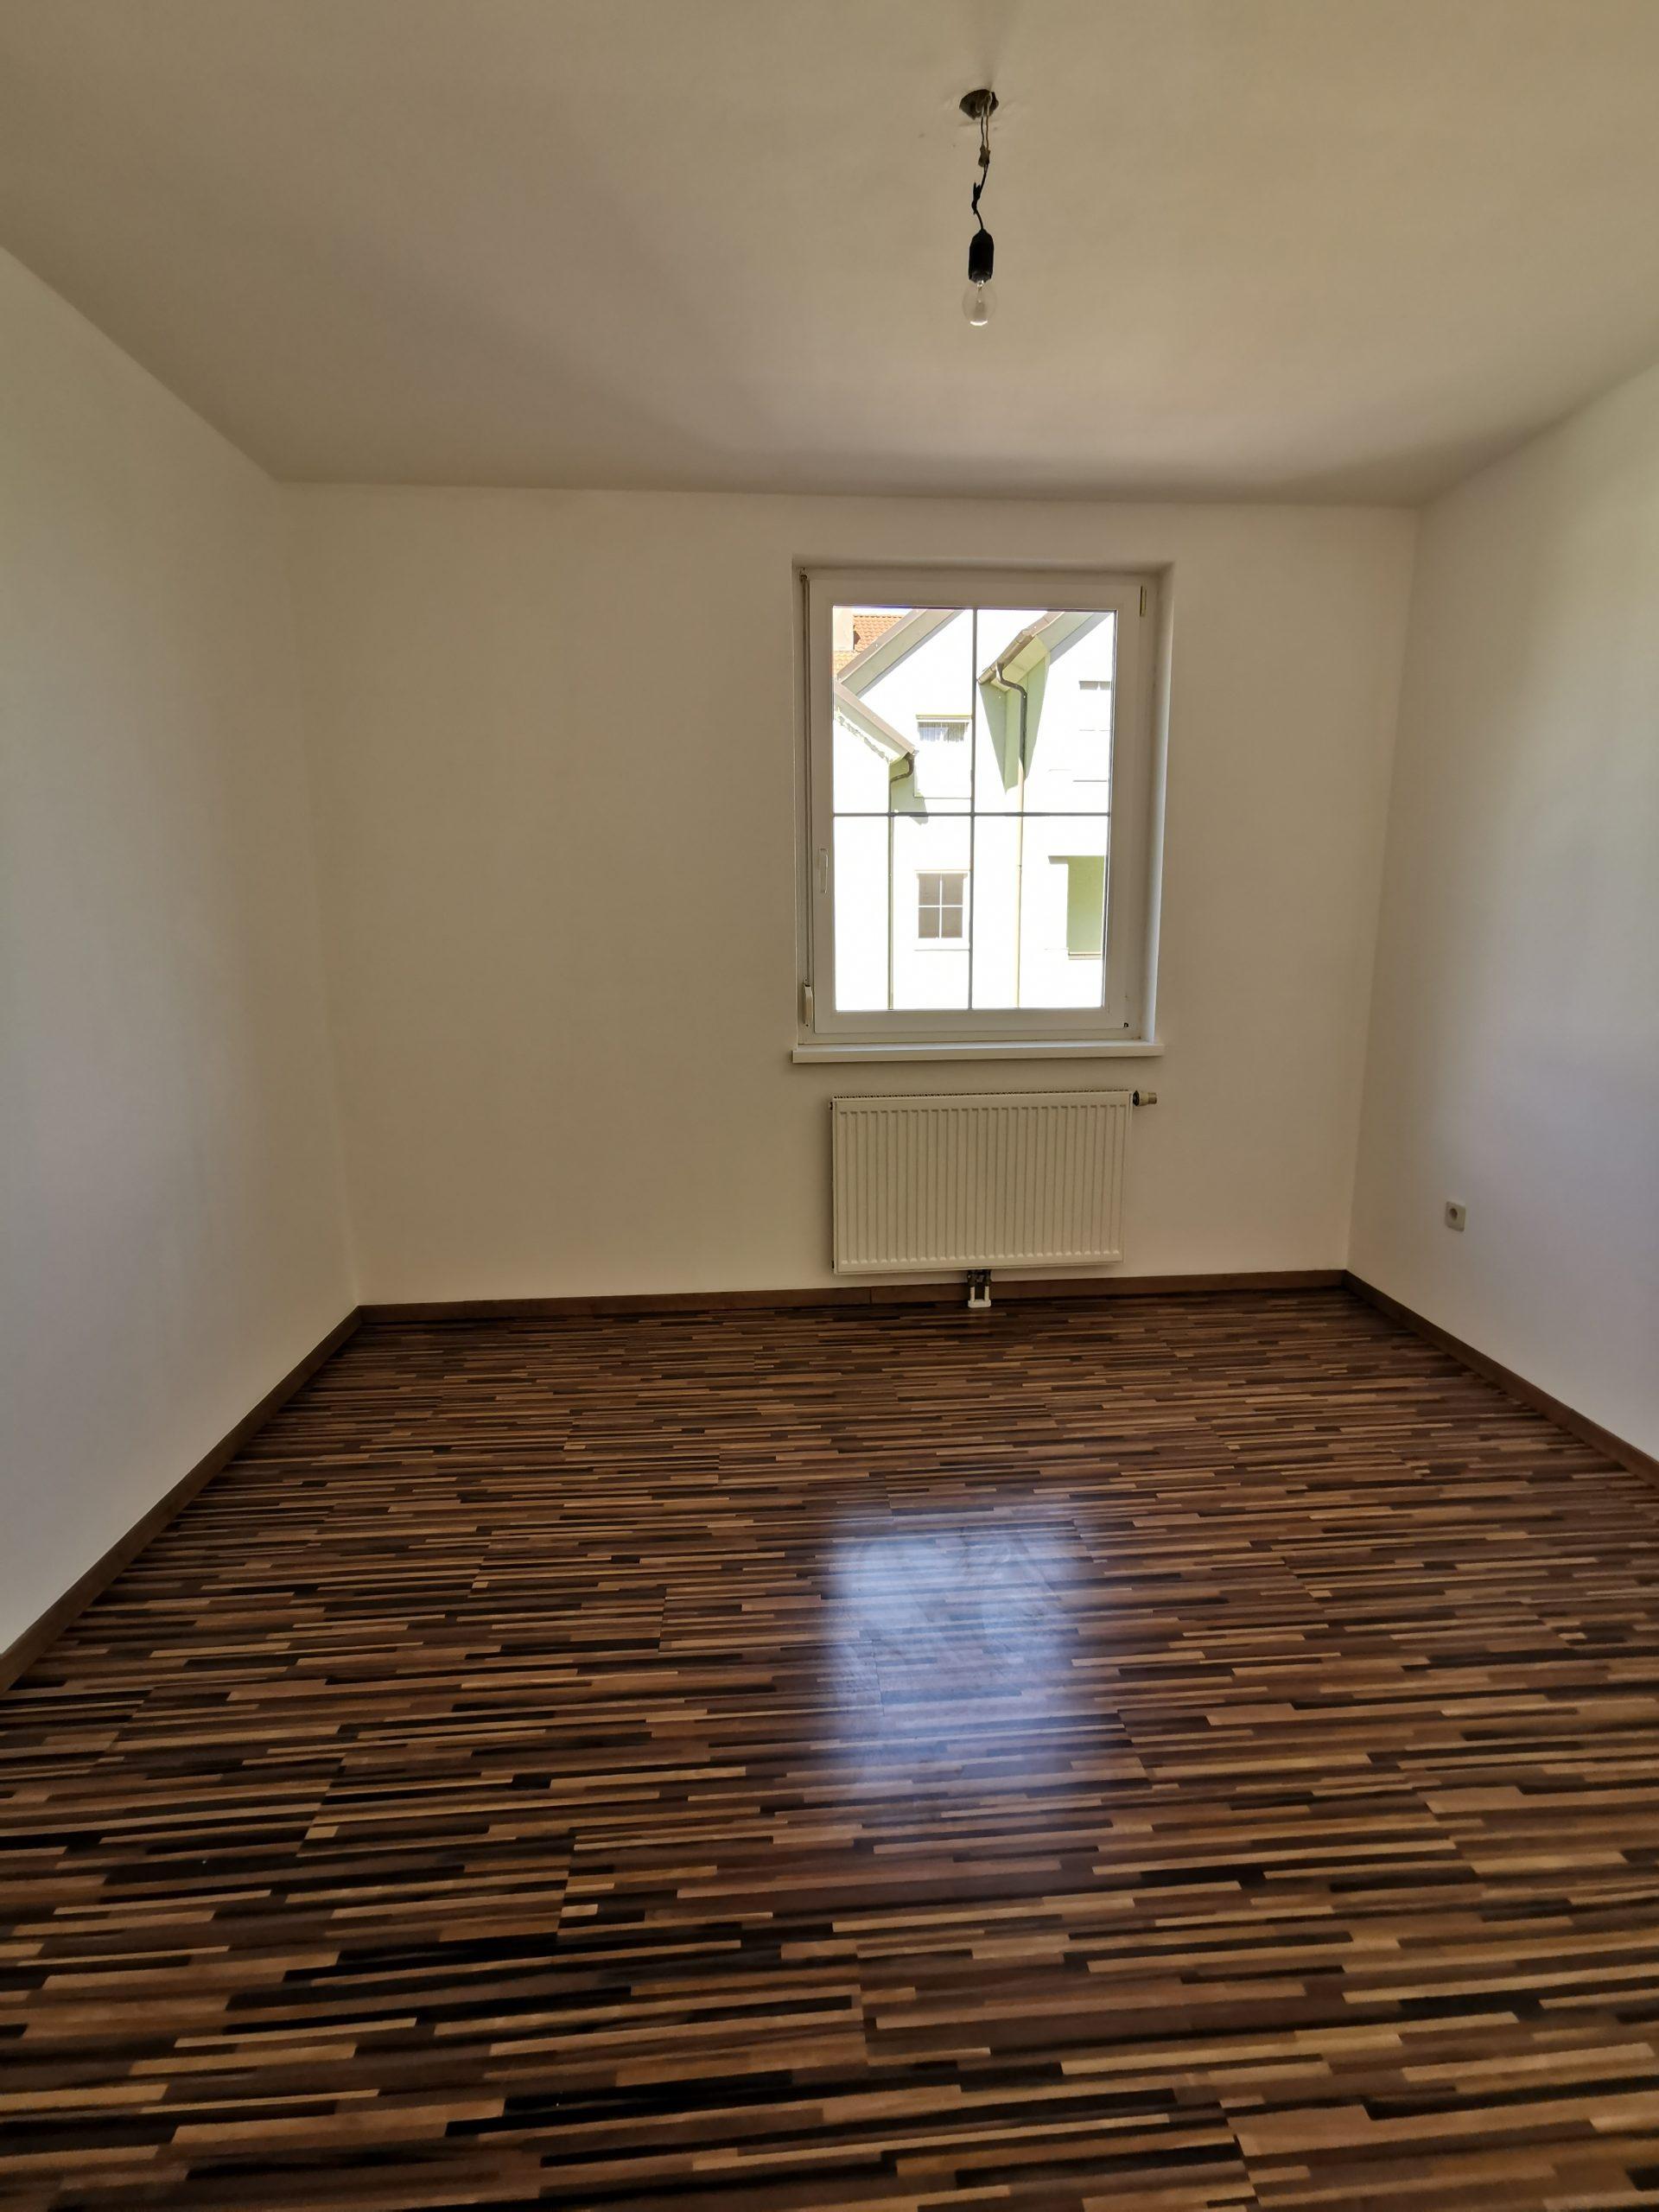 Immobilie von Kamptal in 3730 Eggenburg, Horn, Eggenburg III/4 - Top 6 #4